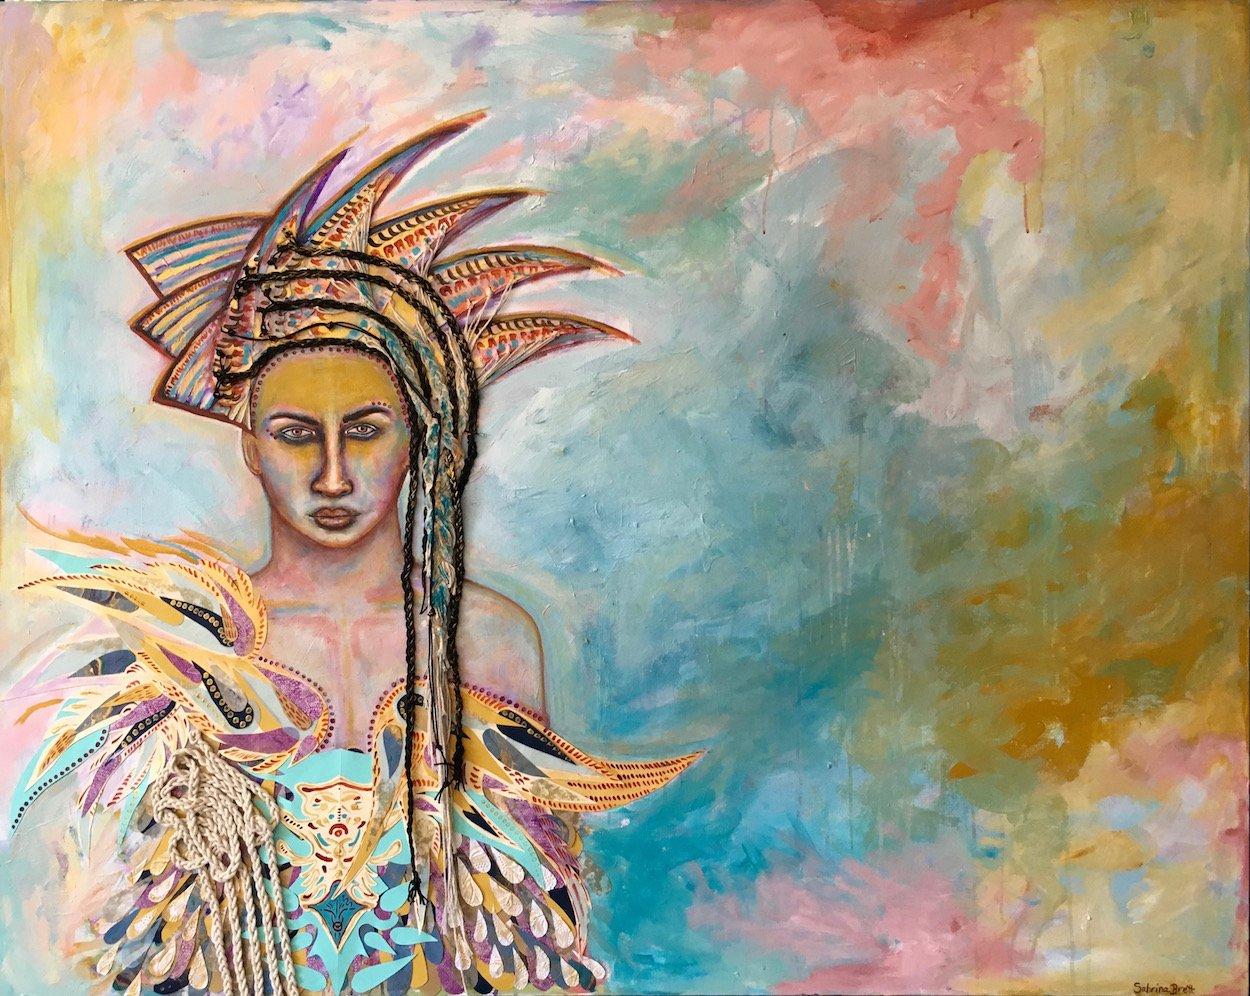 Athena, mixed media on canvas, by Sabrina Brett